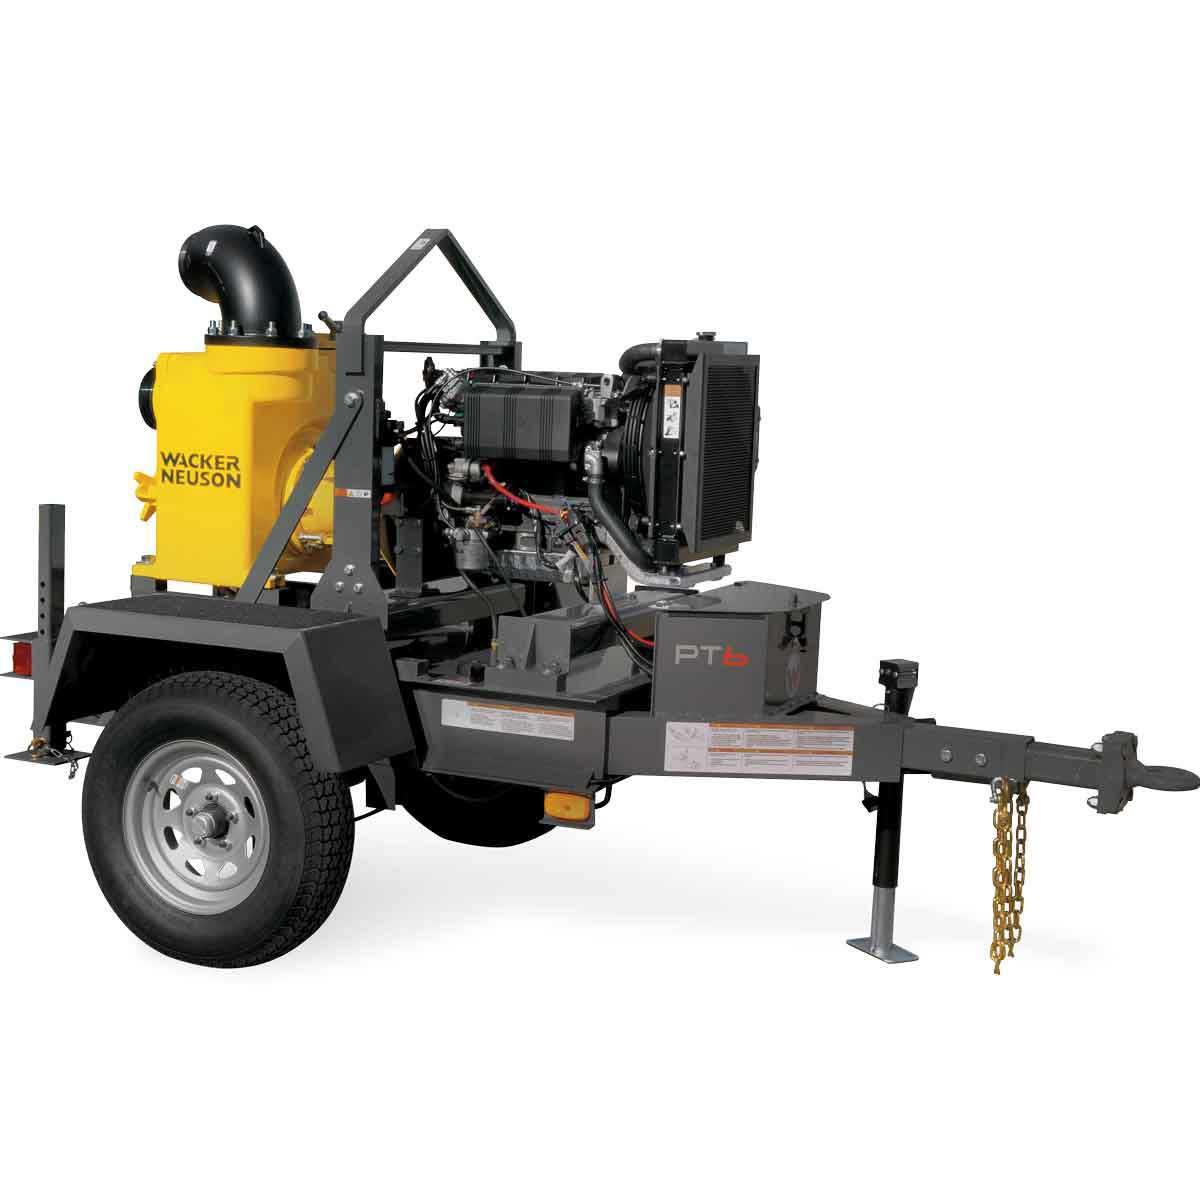 6 inch 6LT Centrifugal Trash Pump